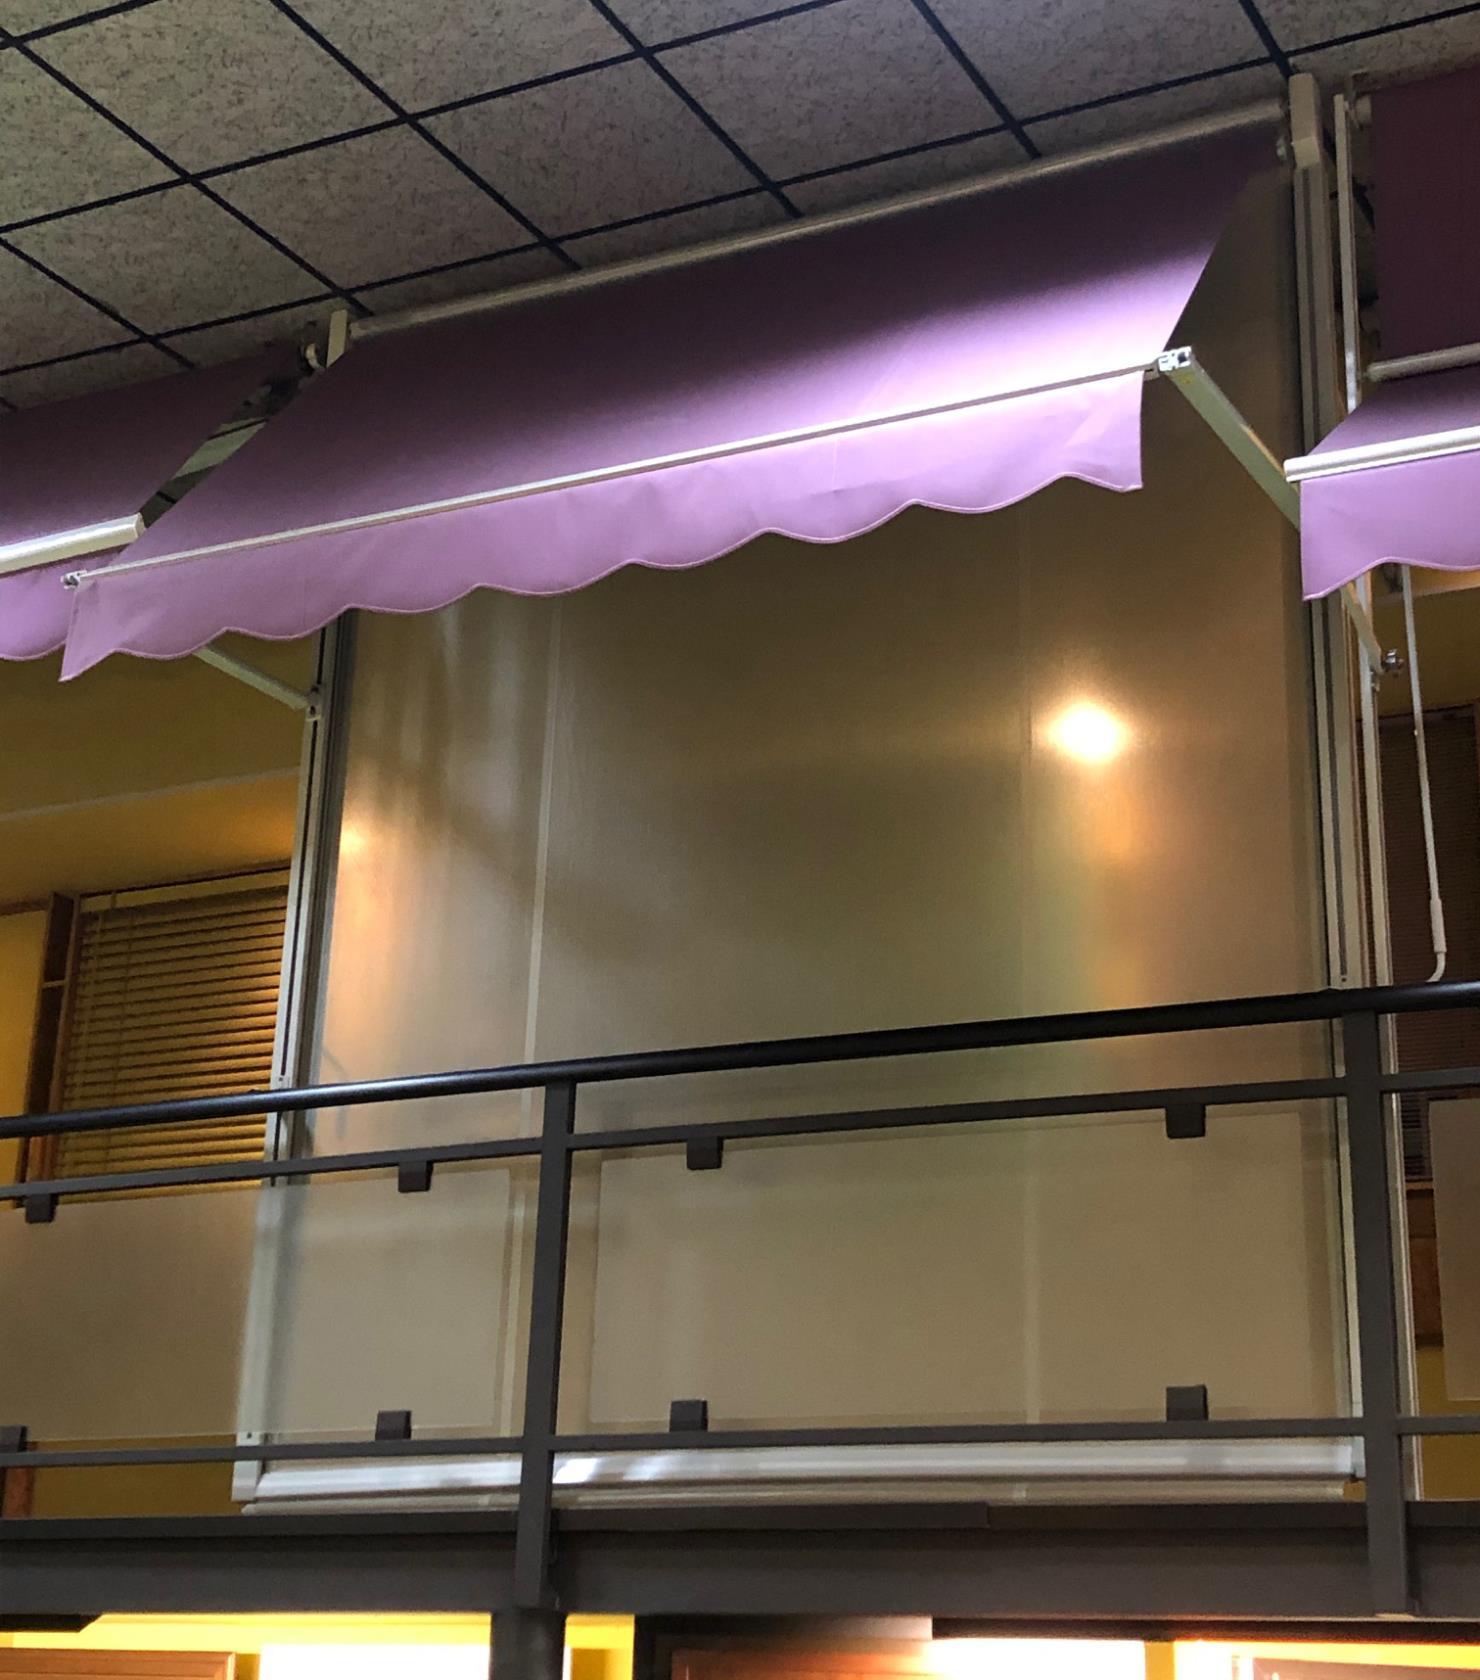 Vendita tende veranda su misura Metal - Tende